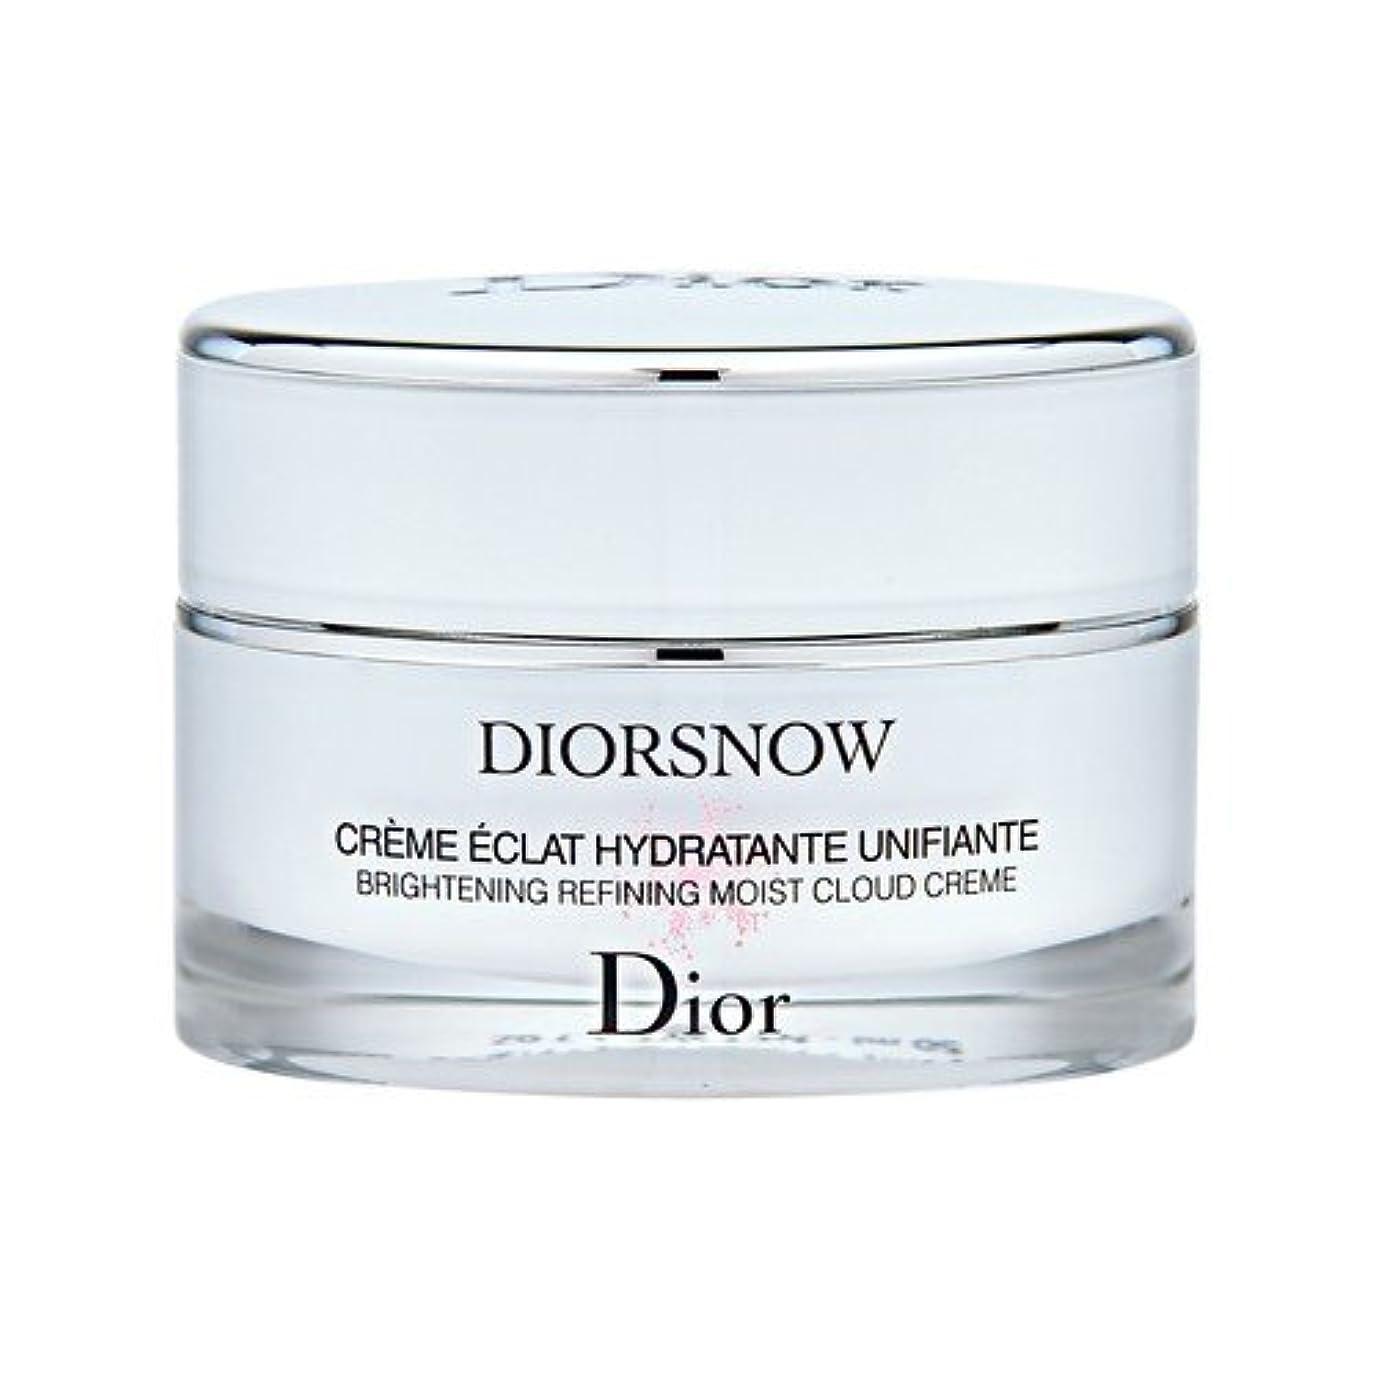 エンドテーブルスプーンワンダークリスチャン ディオール(Christian Dior) スノー ブライトニング モイスト クリーム 50ml[並行輸入品]